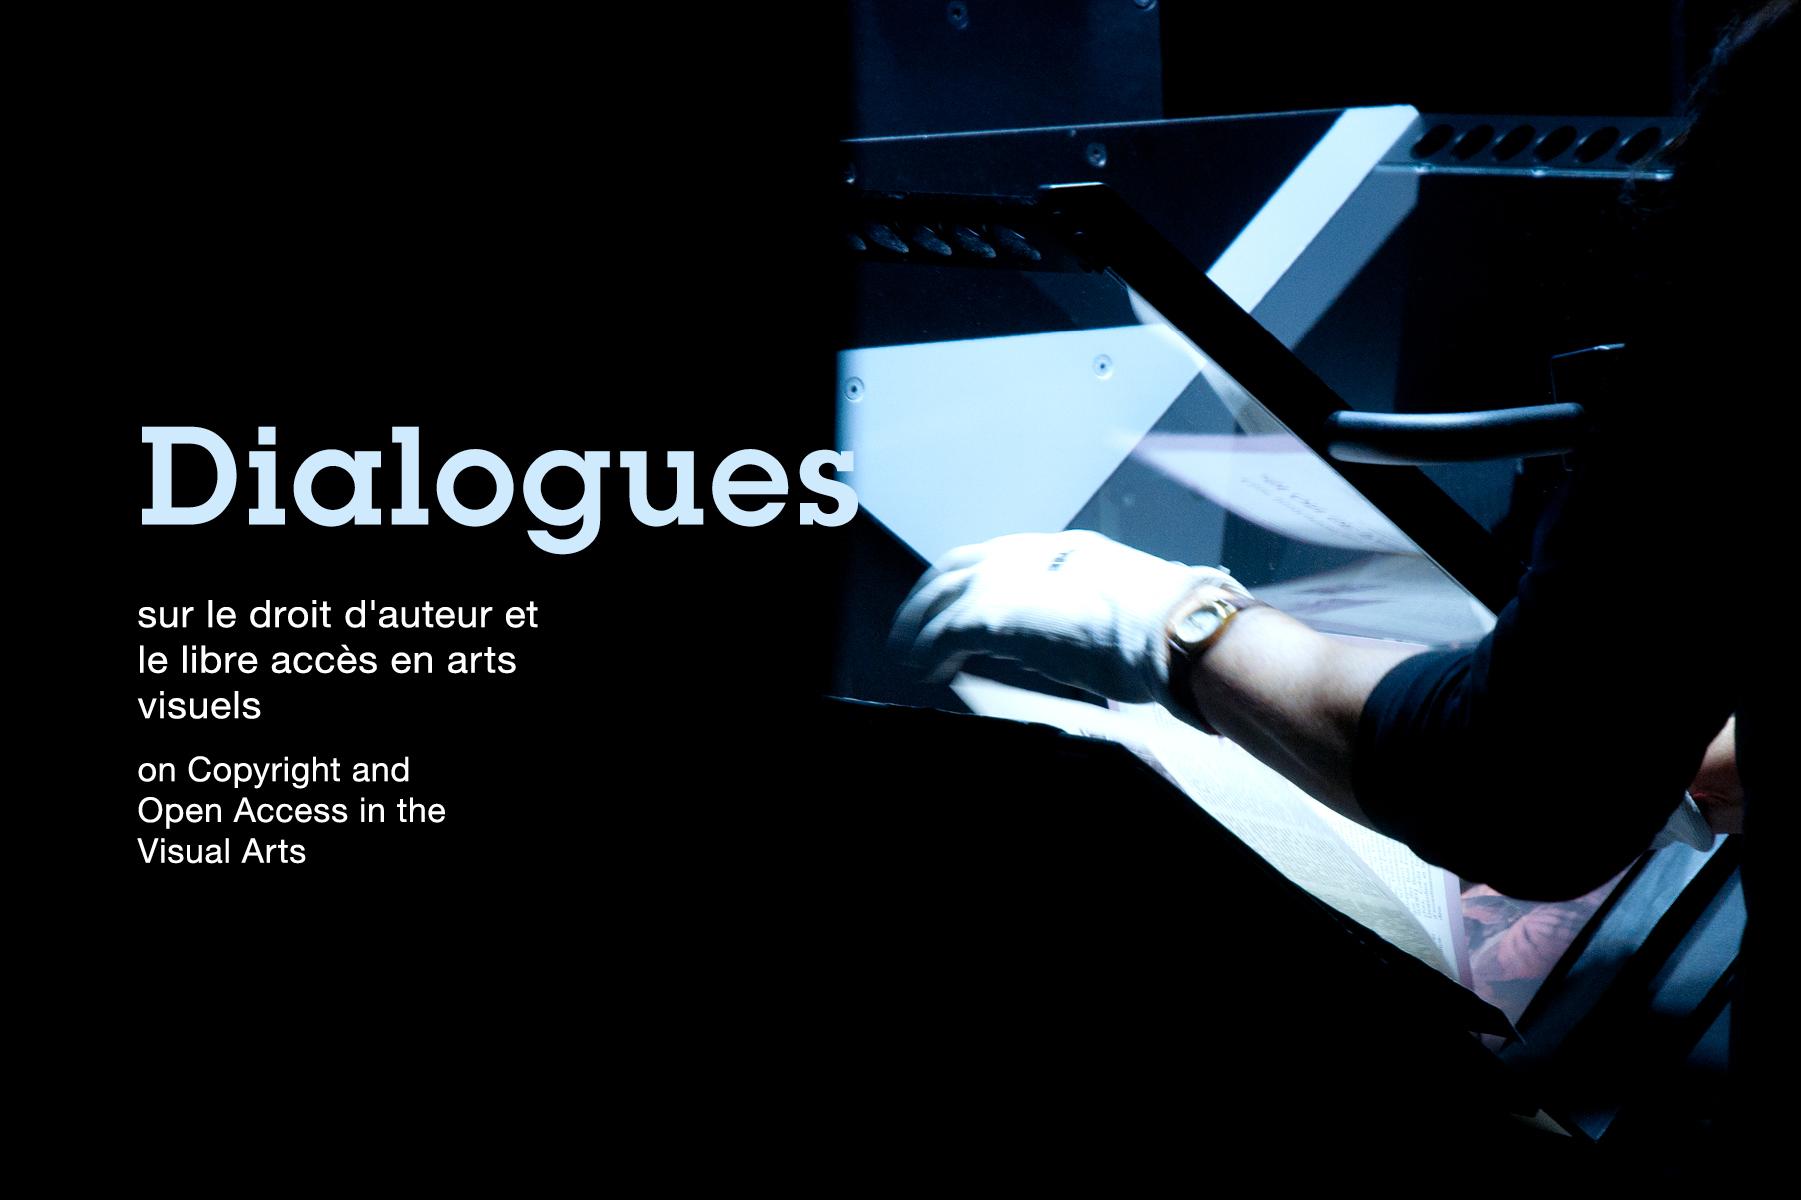 Affiche : Dialogues sur le droit d'auteur